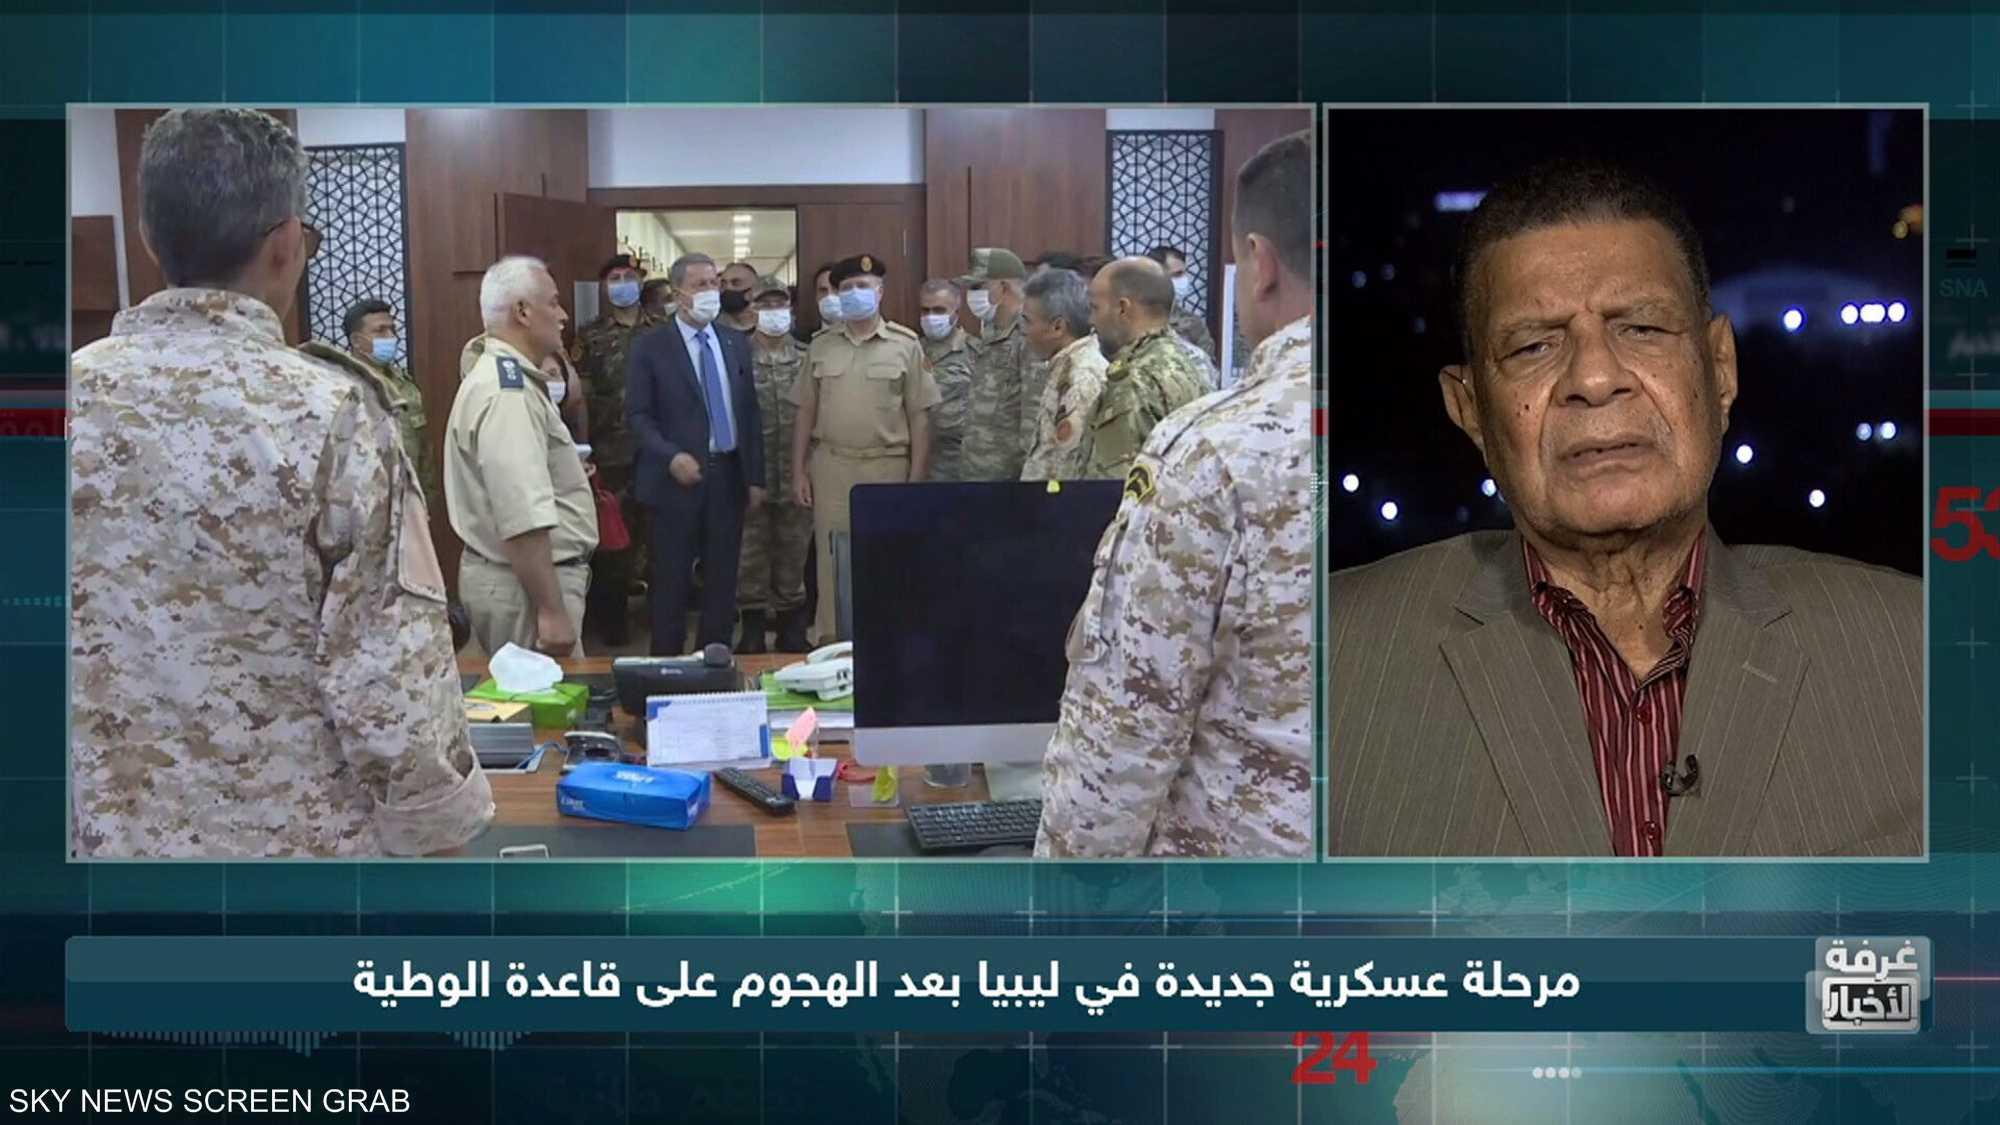 مرحلة عسكرية جديدة في ليبيا بعد الهجوم على قاعدة الوطية